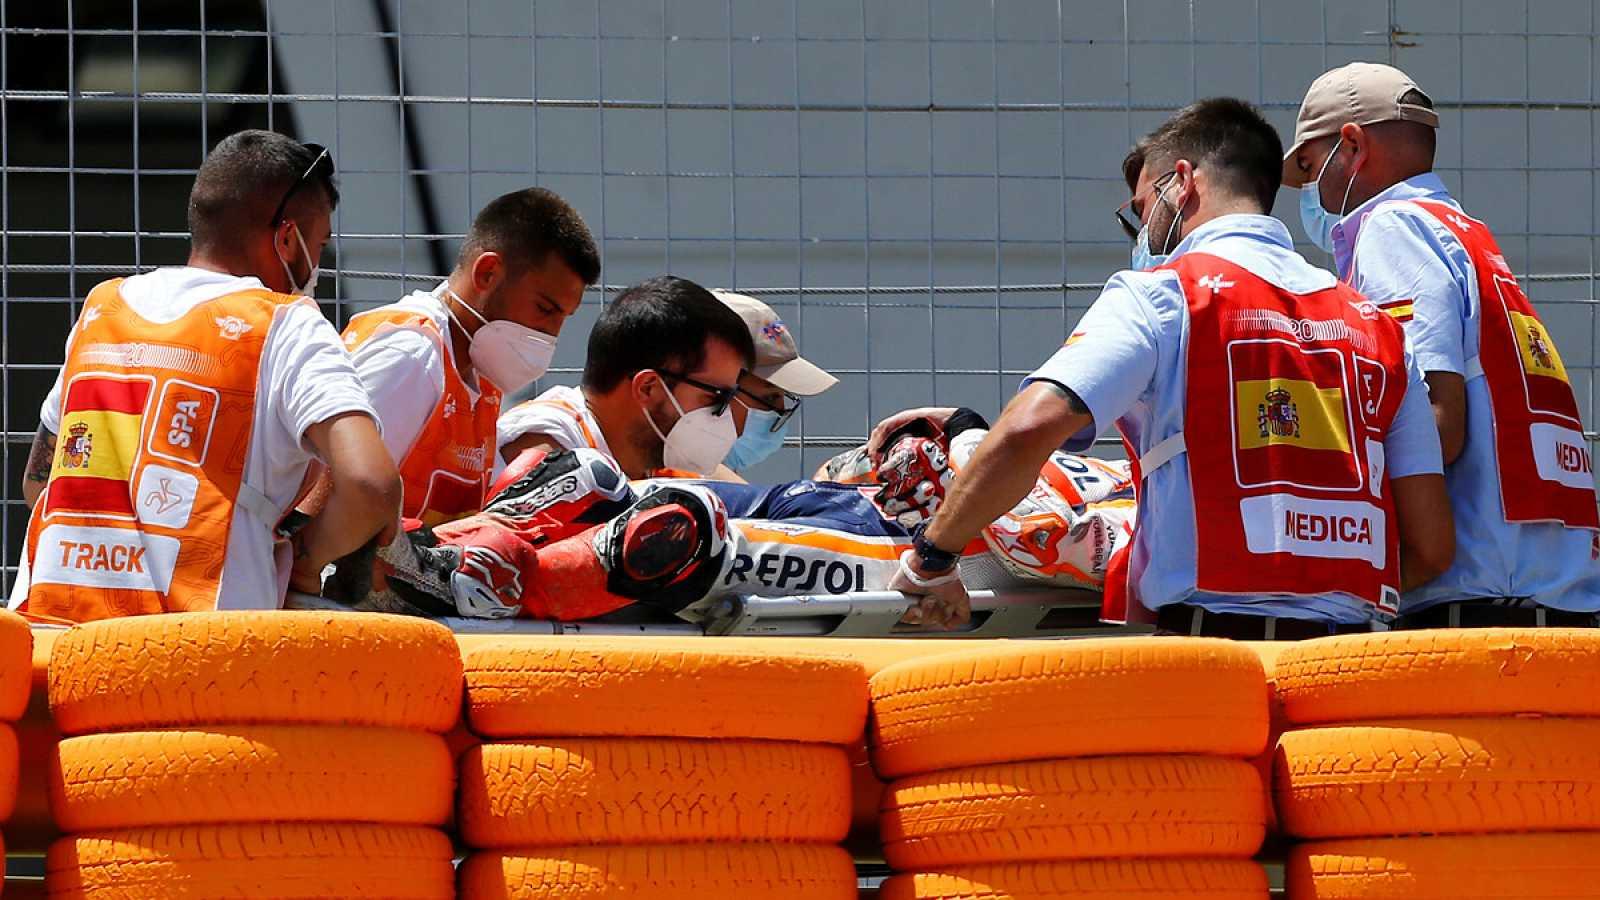 Imagen: Marc Márquez es llevado al ambulancia por los servicios médicos del circuito de Jerez